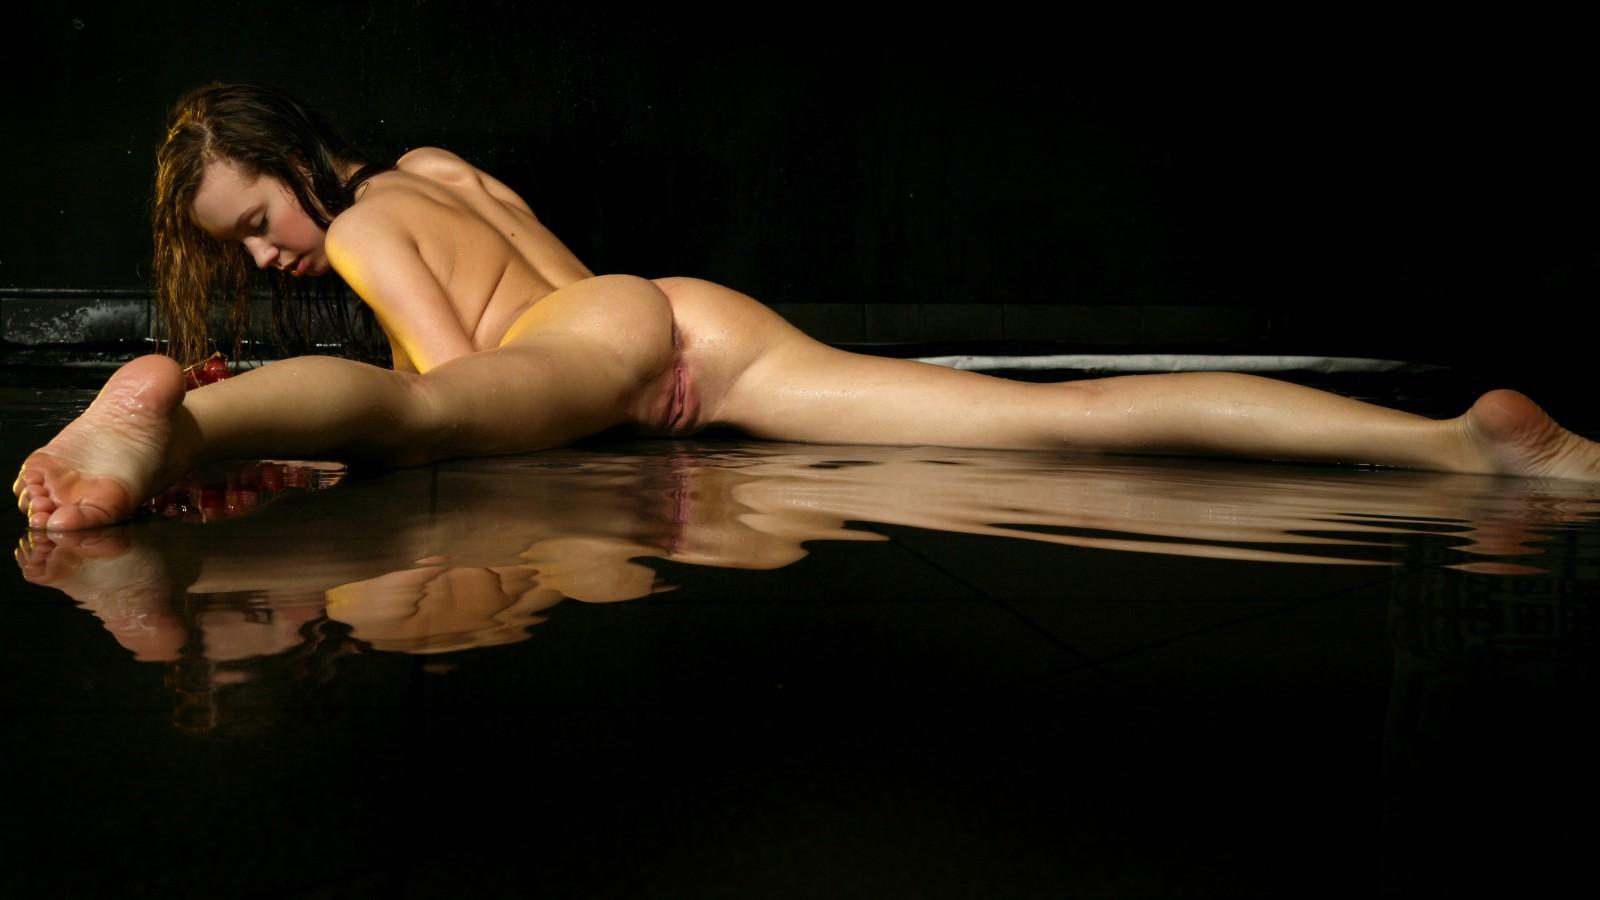 Возбужденная пизда порно фото порева и секса онлайн